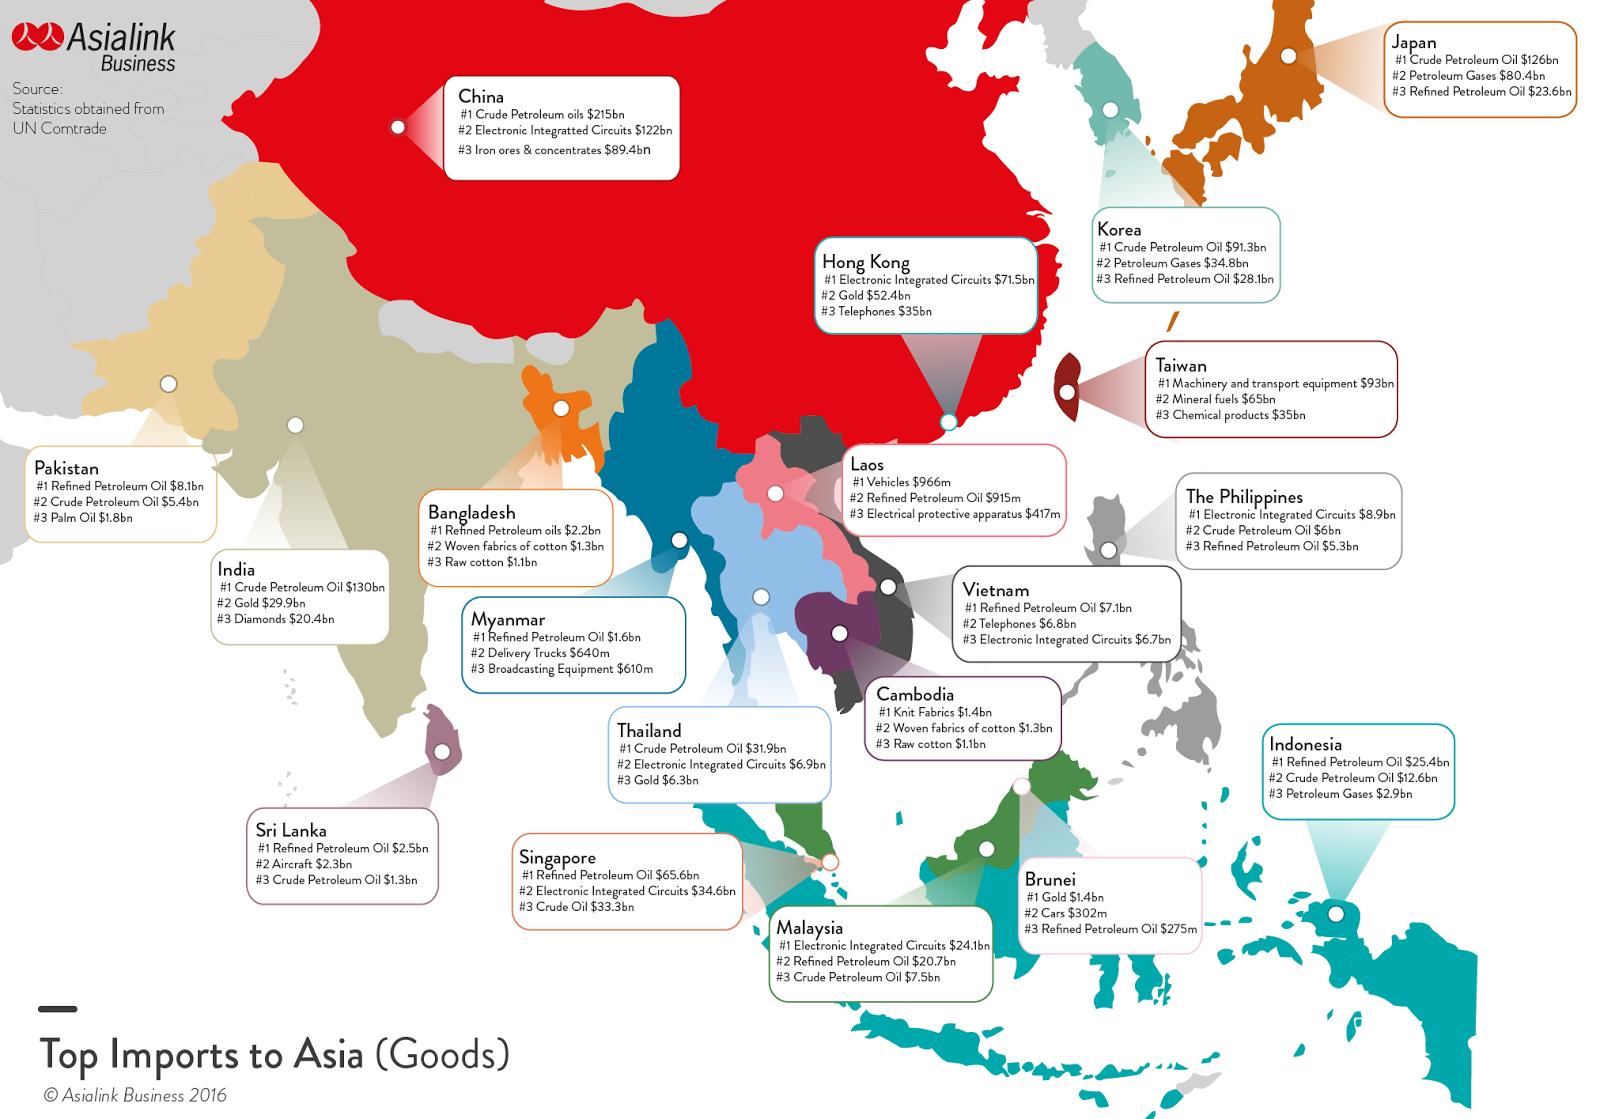 Top Austalian imports to Asia